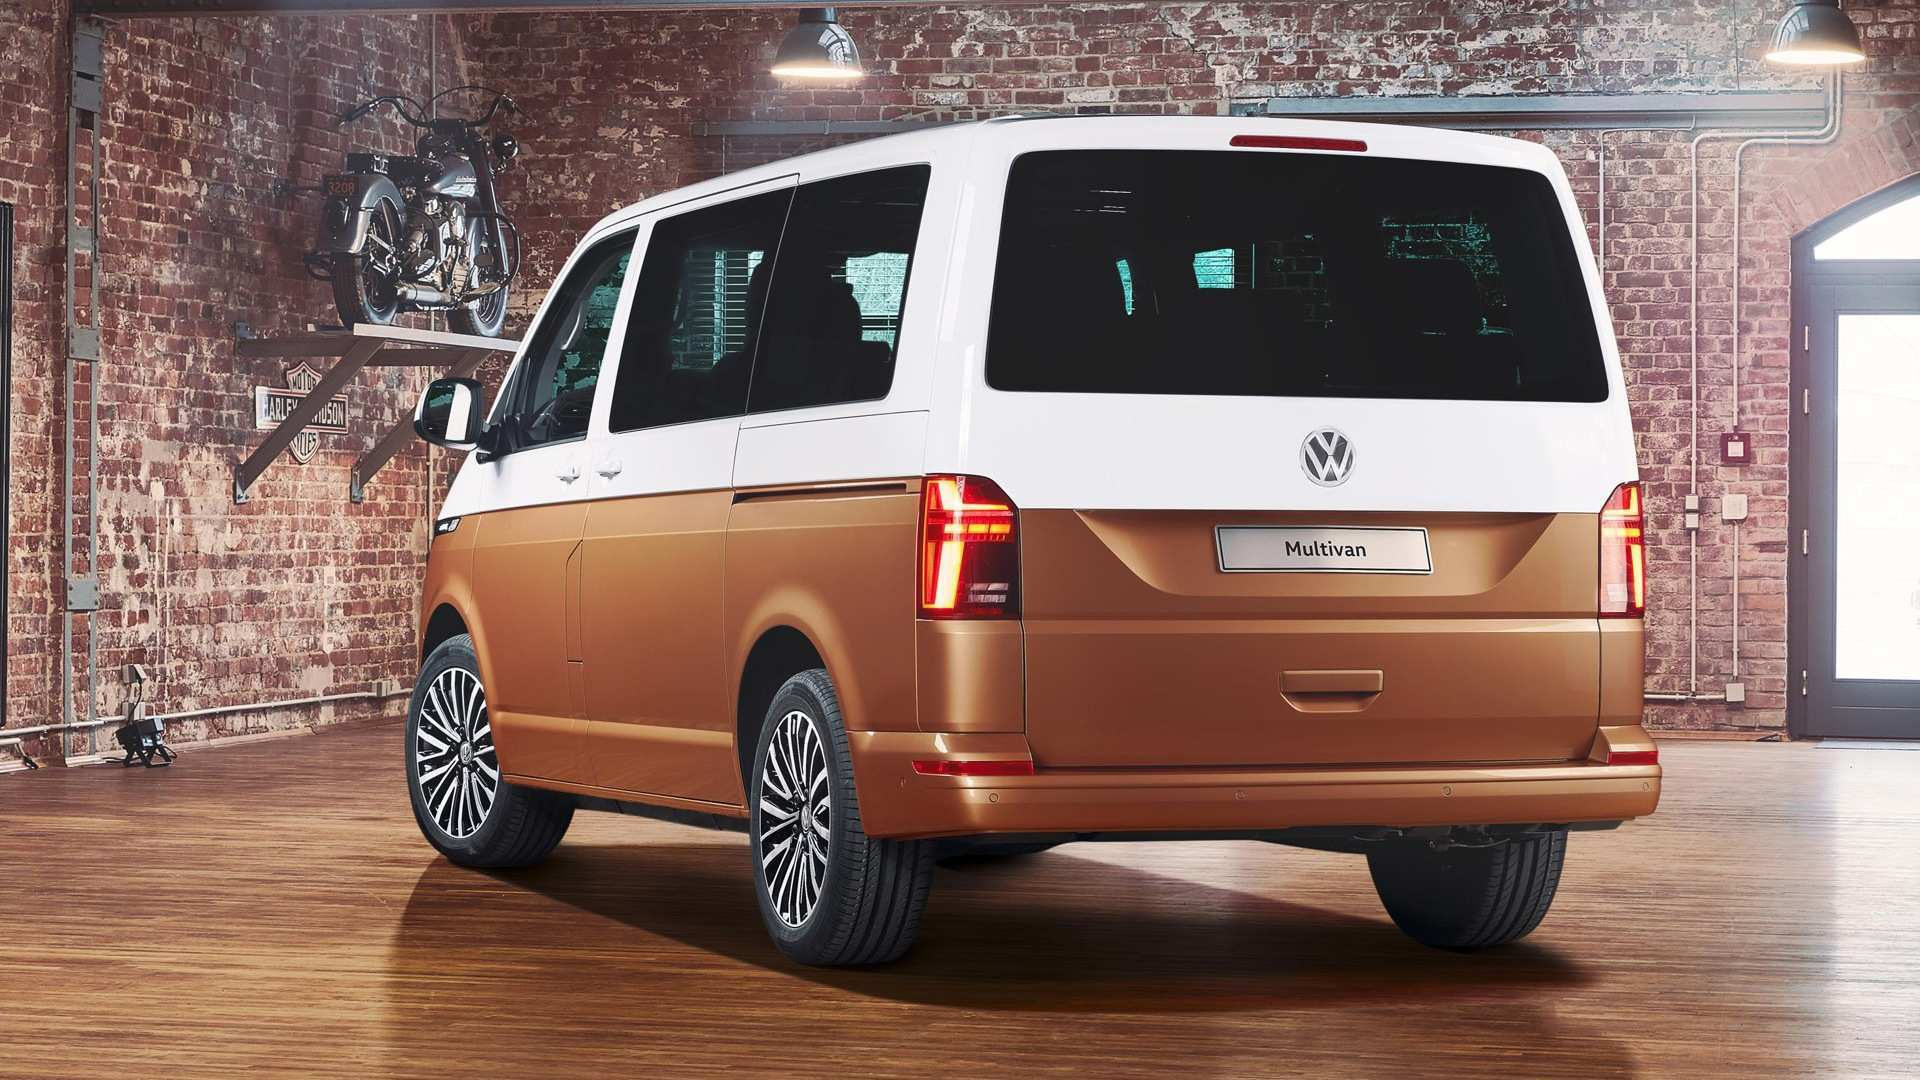 57 Concept of Volkswagen Van 2020 Price Rumors with Volkswagen Van 2020 Price